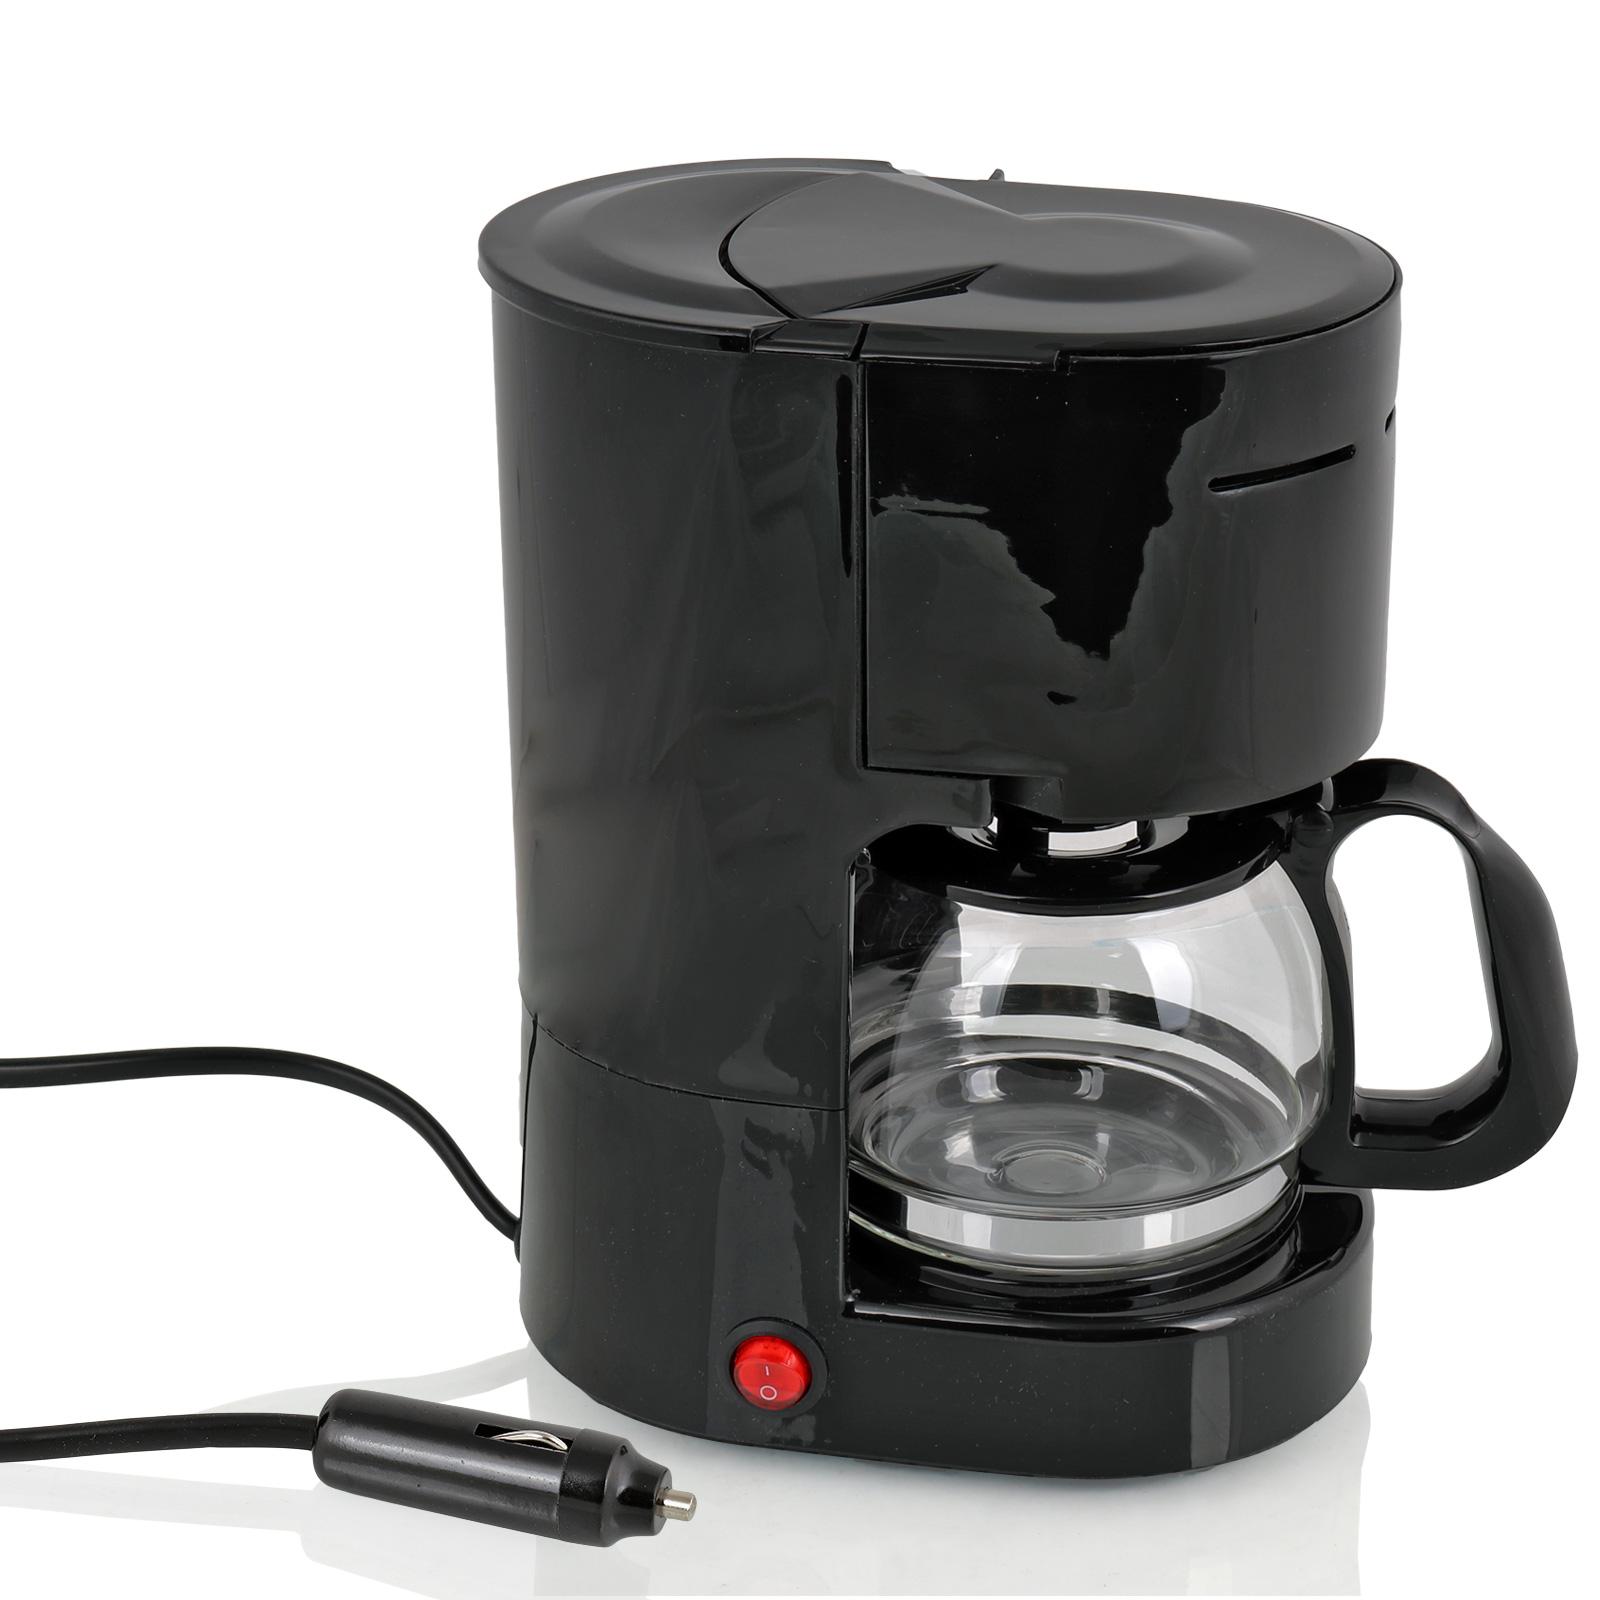 Kaffemaschine 12 Volt 170 Watt, 4-6 Tassen, Dauerfilter, Glaskanne